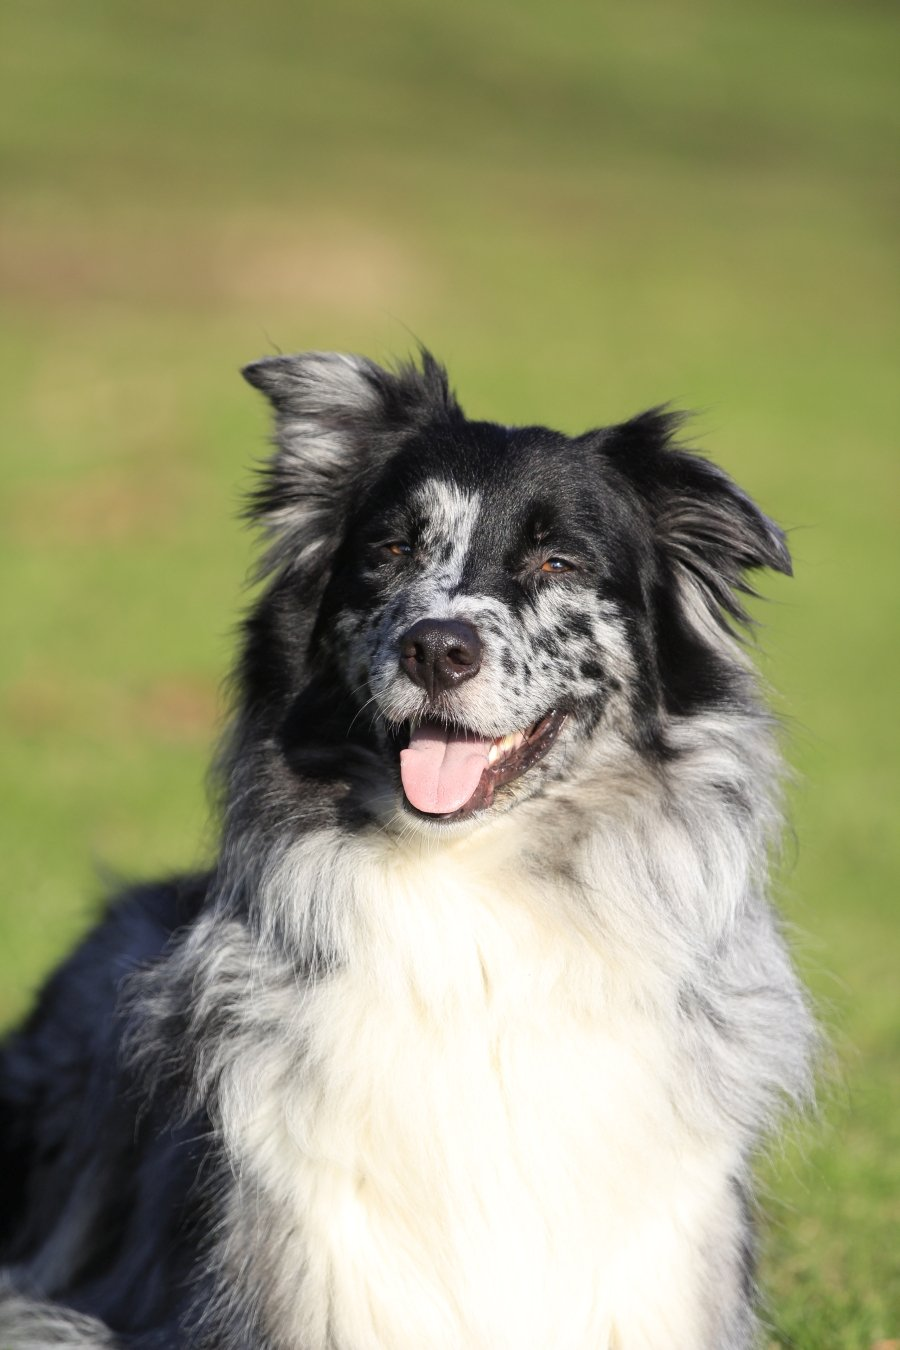 Zuchter Aus Nordrhein Westfalen Australian Shepherd Aussie De